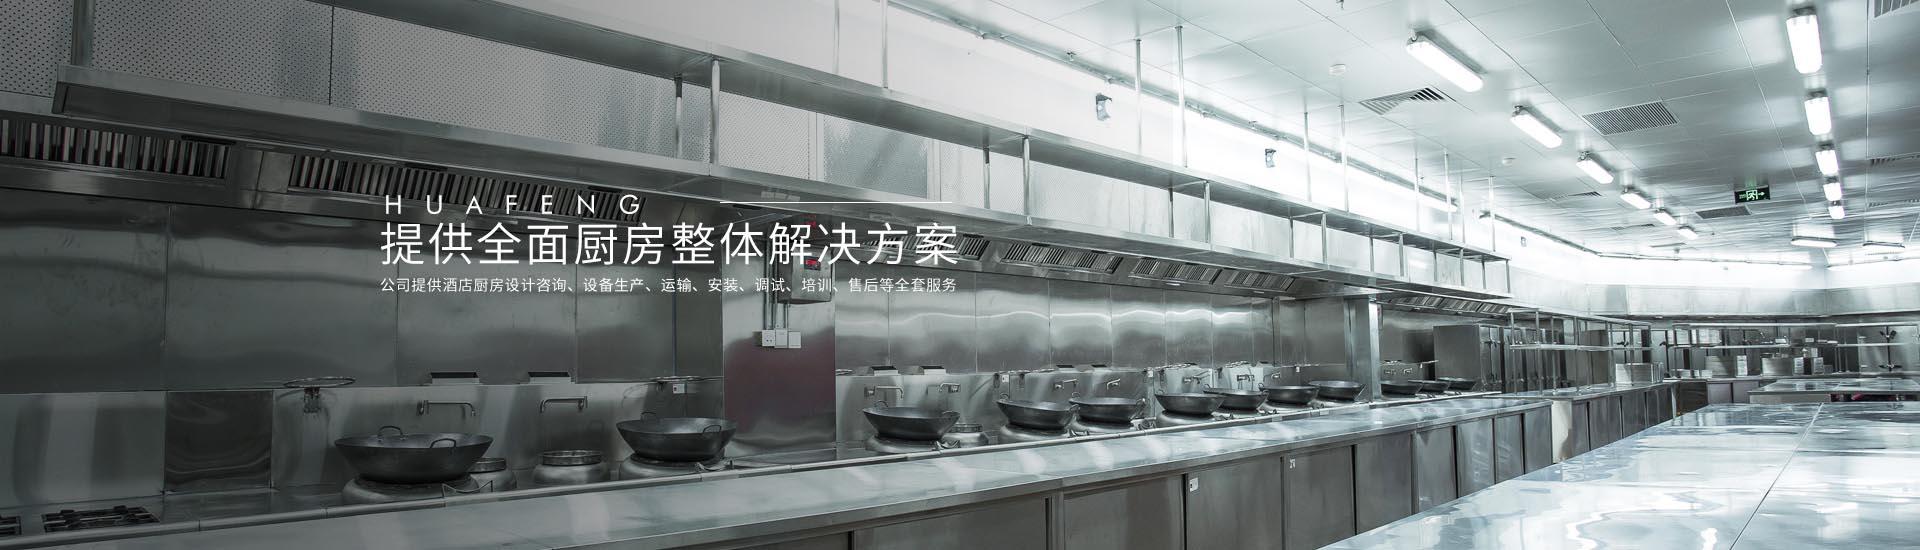 青岛酒店beplay2网页登录批发厂家